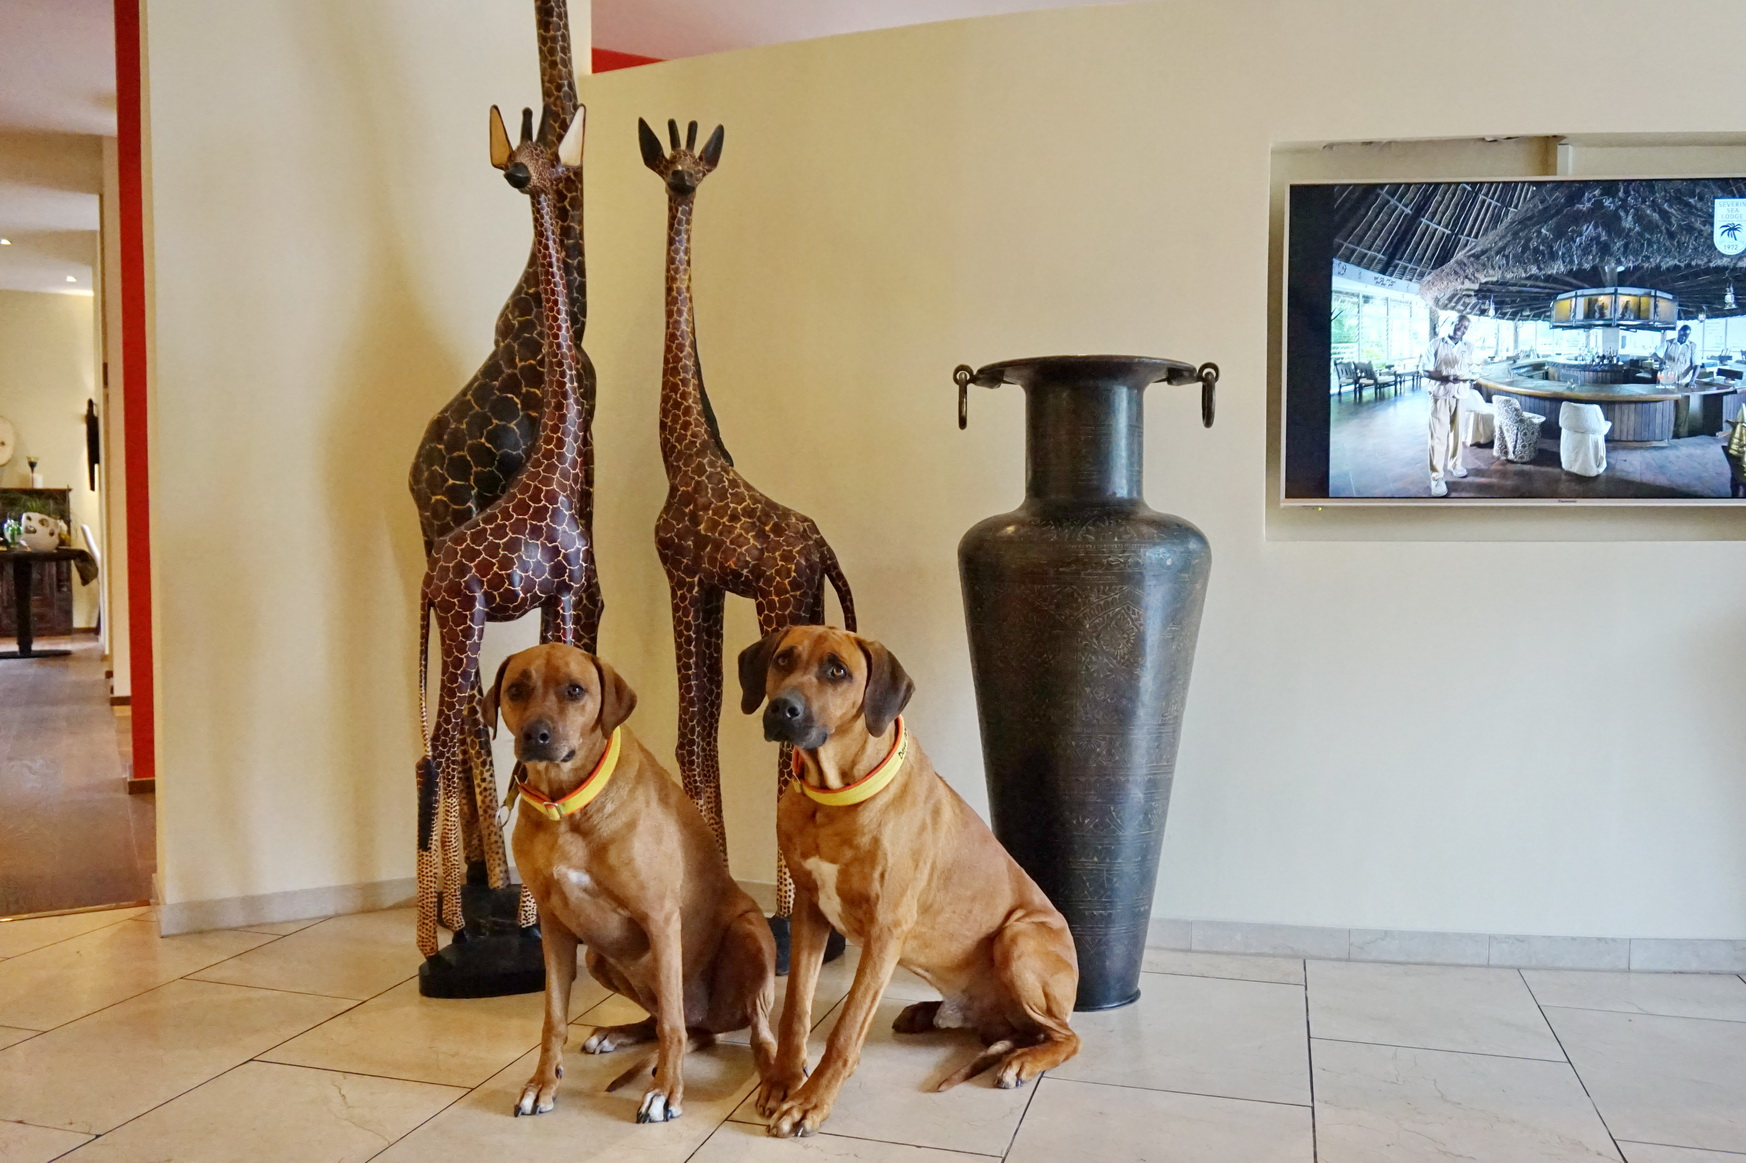 Hunde in der Hotelhalle des Sunderland Hotels in Sundern im Sauerland